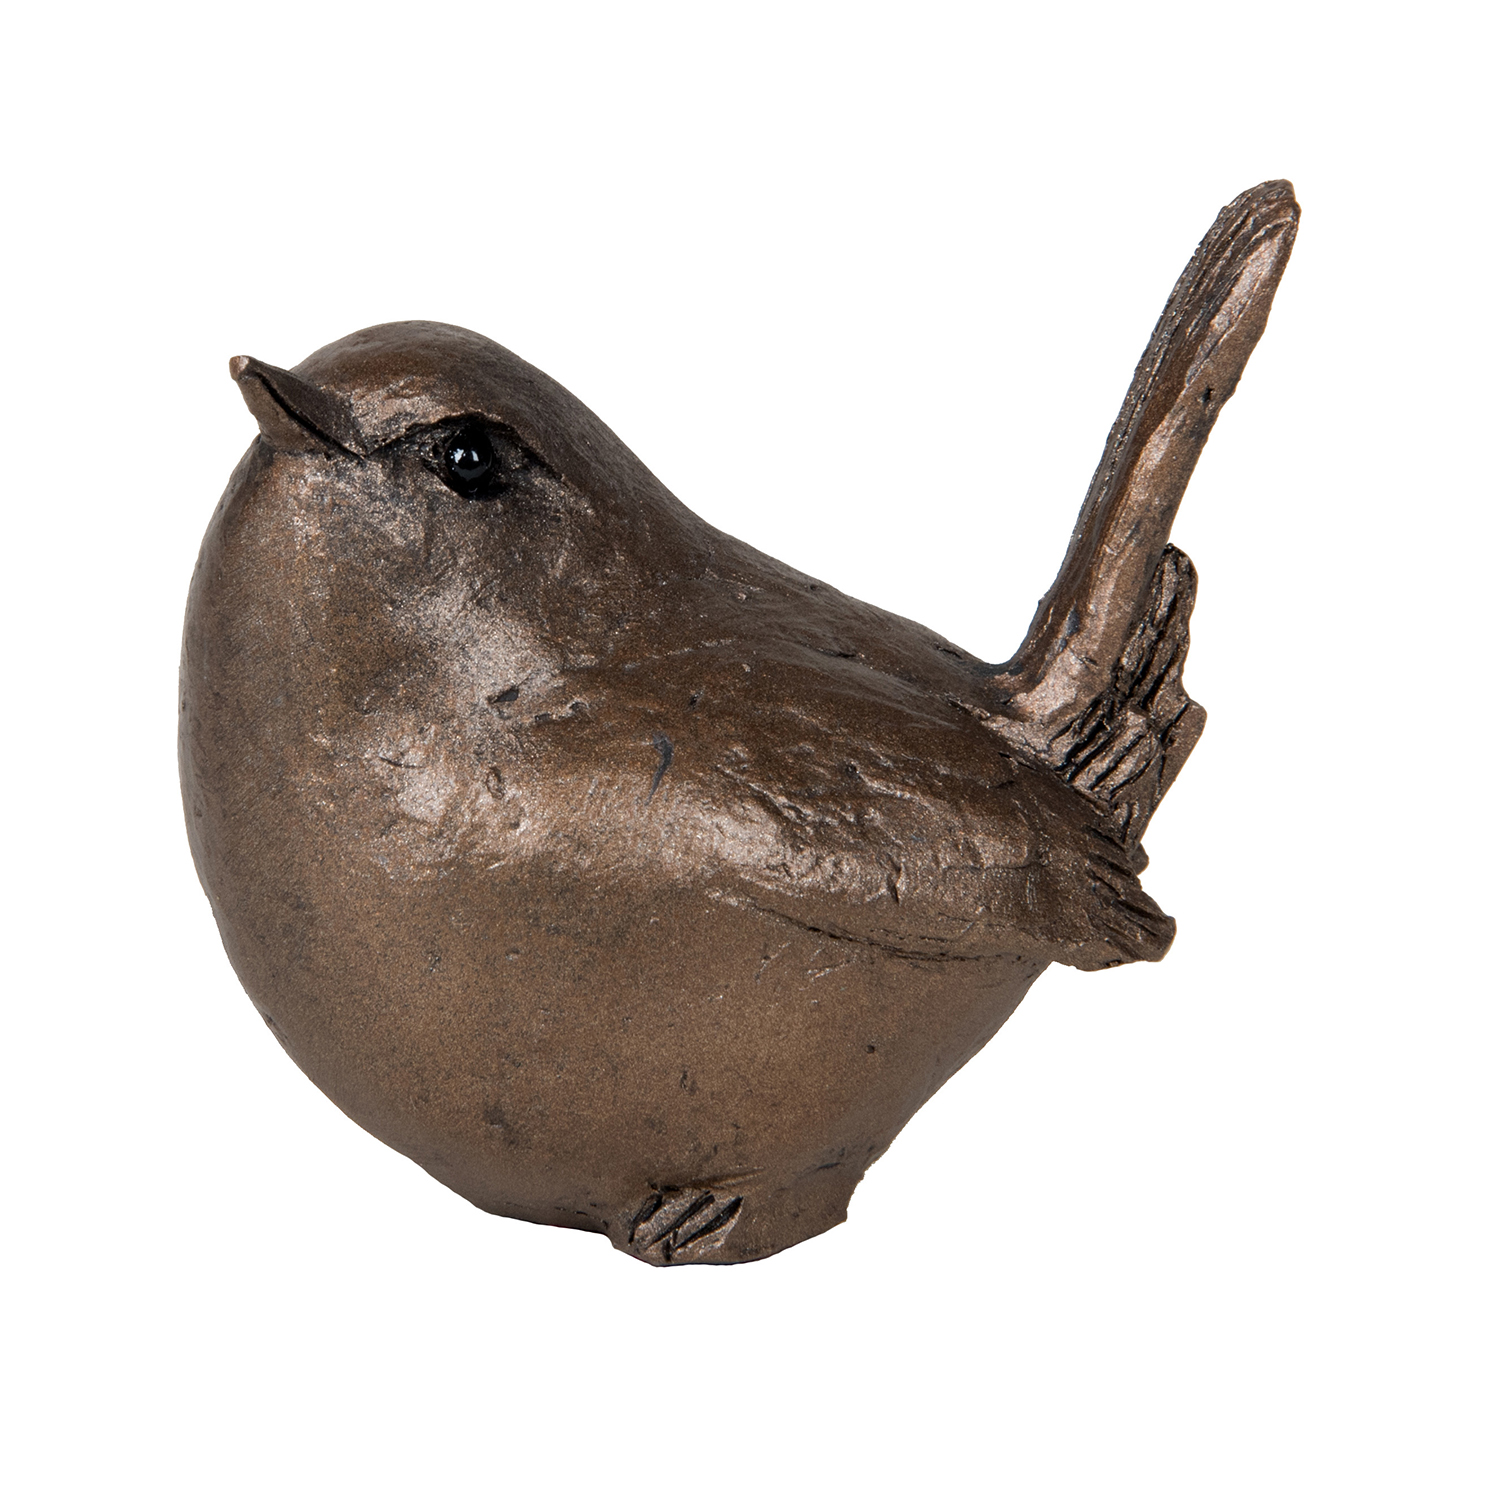 Frith Sculpture – Garden Bird in Bronze Resin by Thomas Meadows in Gift Box